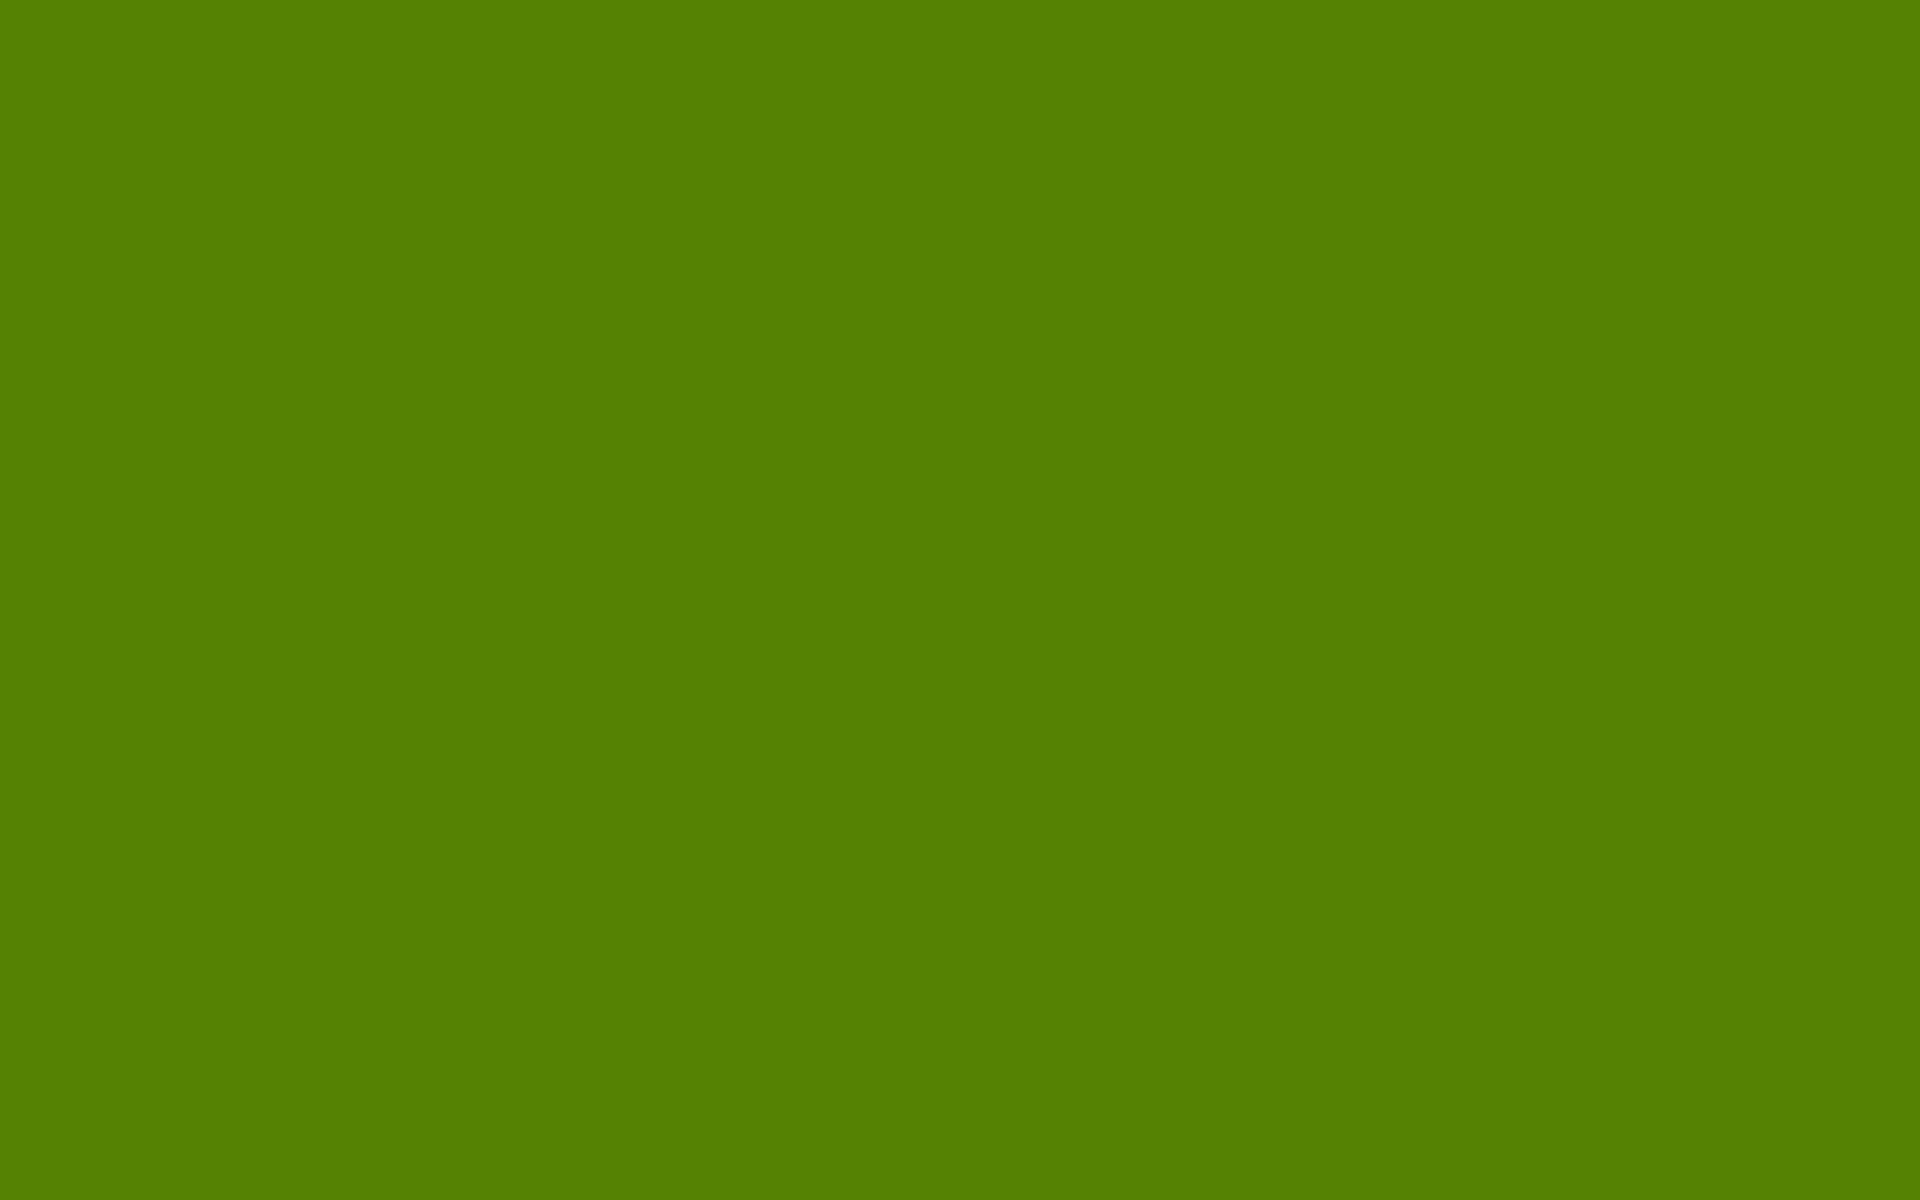 1920x1200 Avocado Solid Color Background